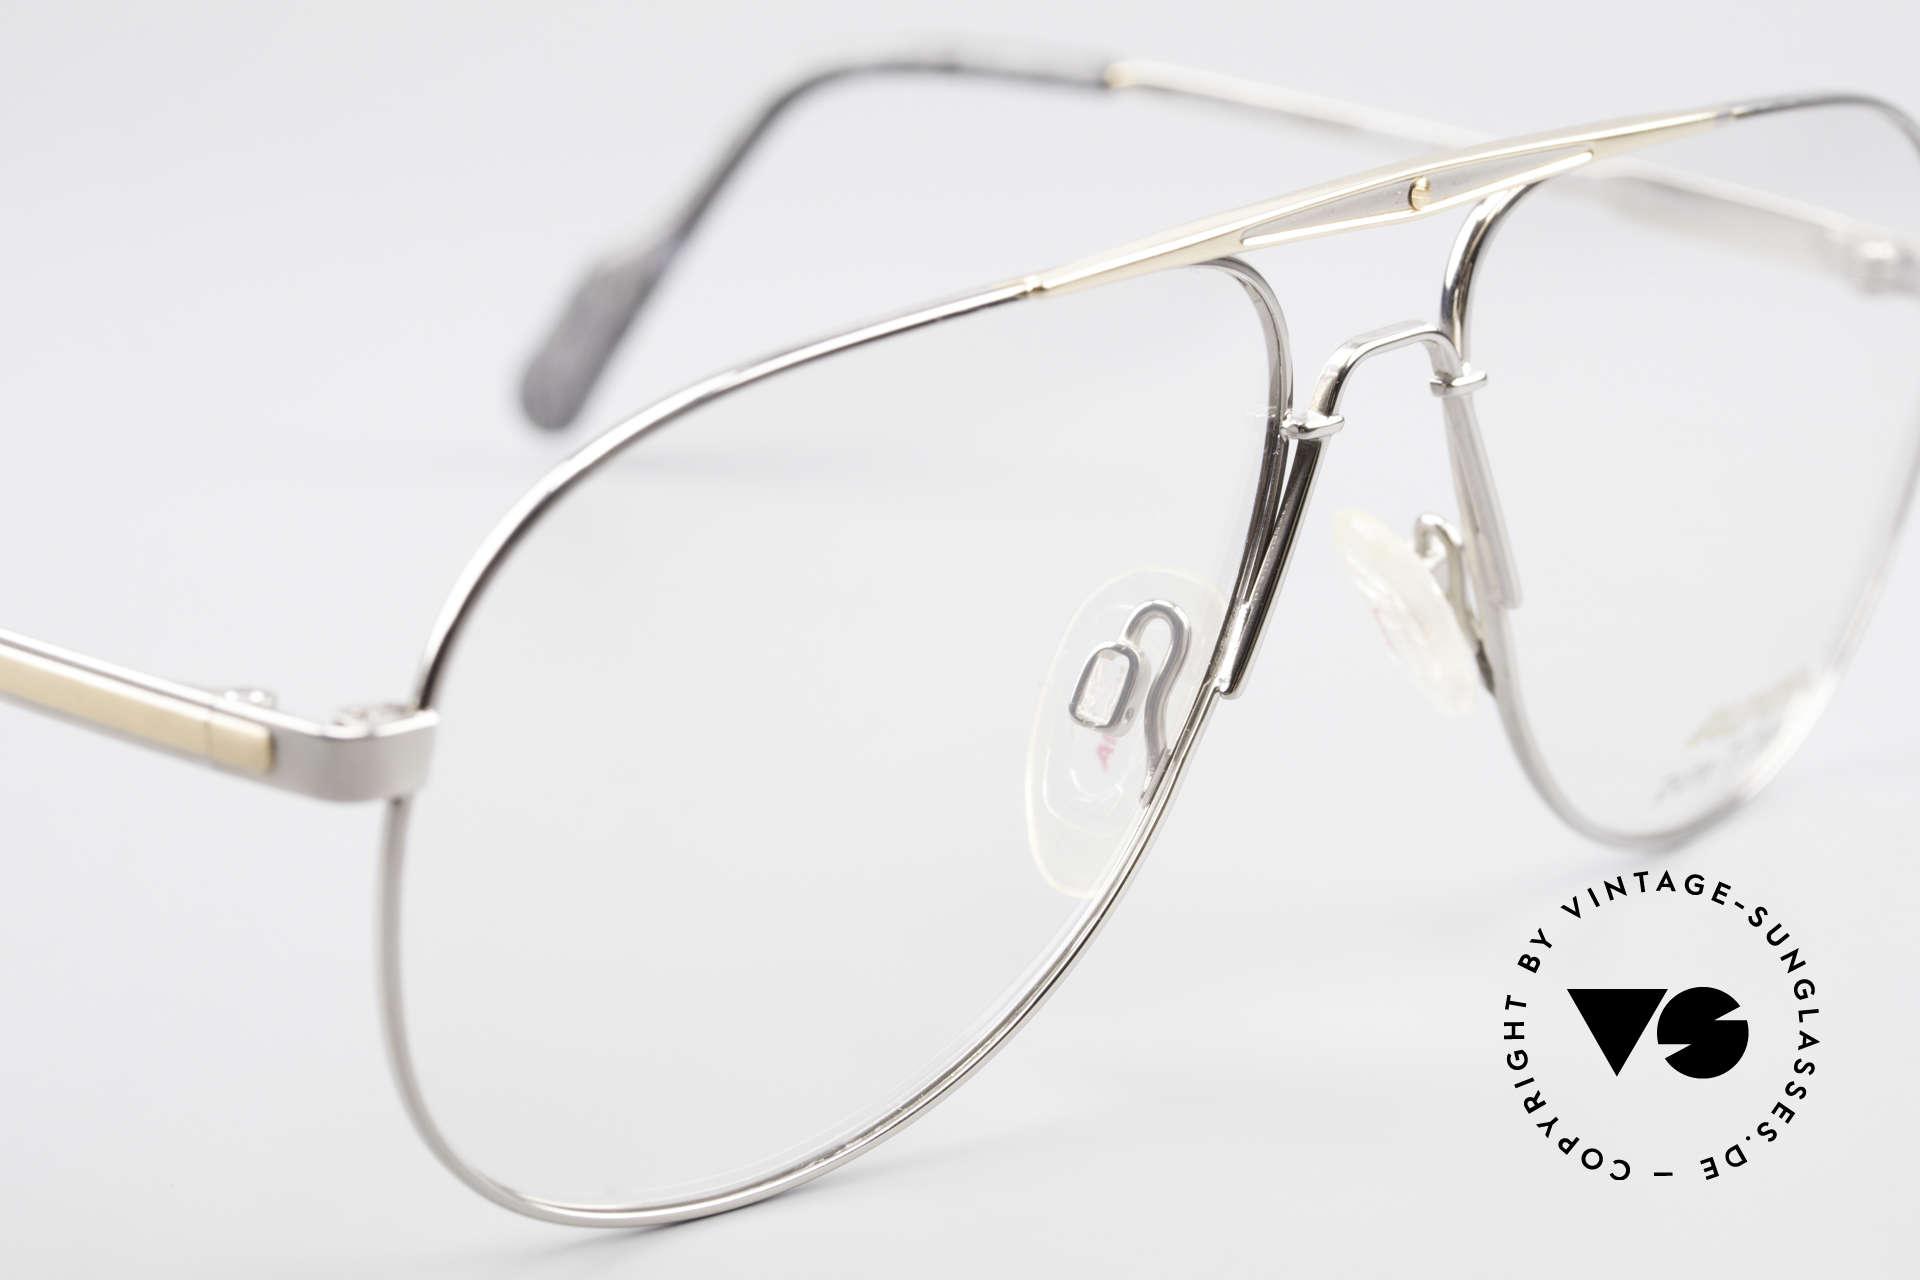 Alpina M1FT Vintage Aviator Titan Brille, KEINE RETROBRILLE, 100% vintage 90er Original, Passend für Herren